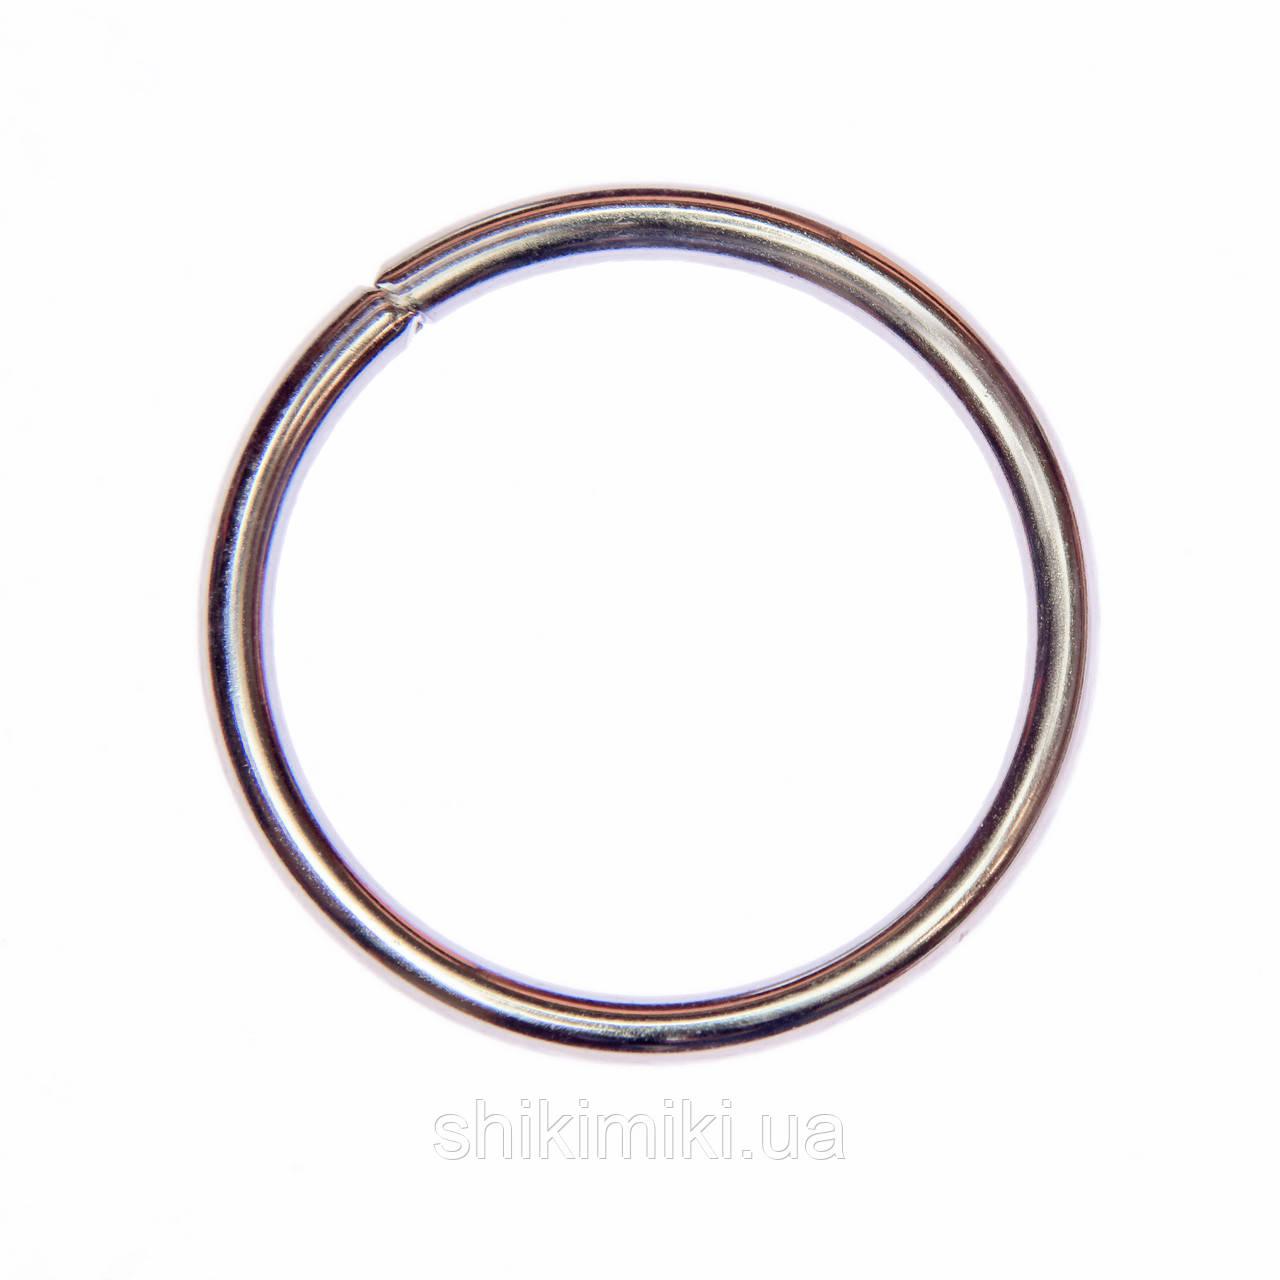 Кольца соединительные KL51-1 (51 мм), цвет никель